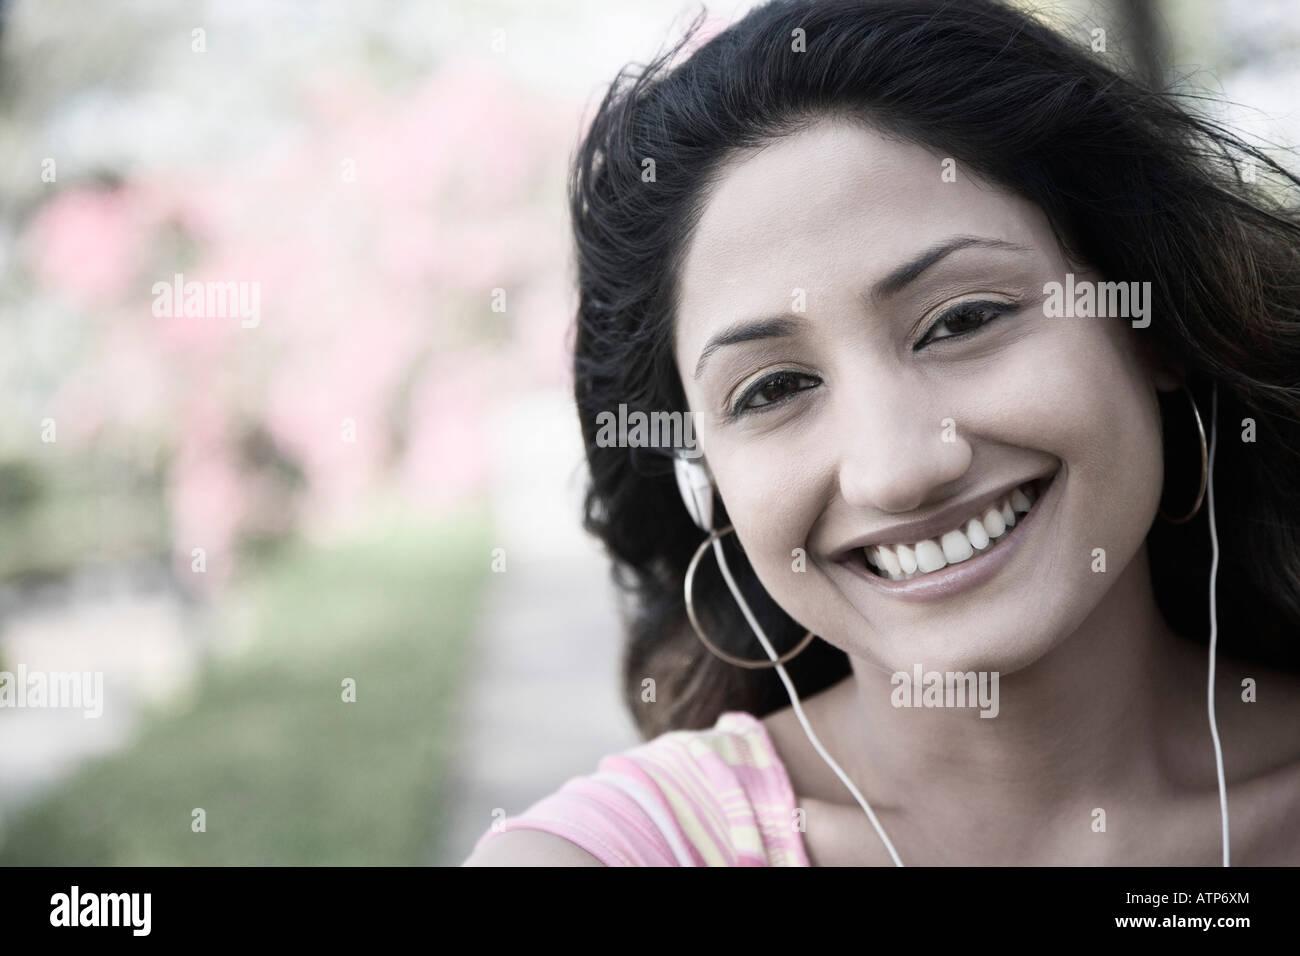 Retrato de una joven mujer escuchando música y sonriendo Imagen De Stock